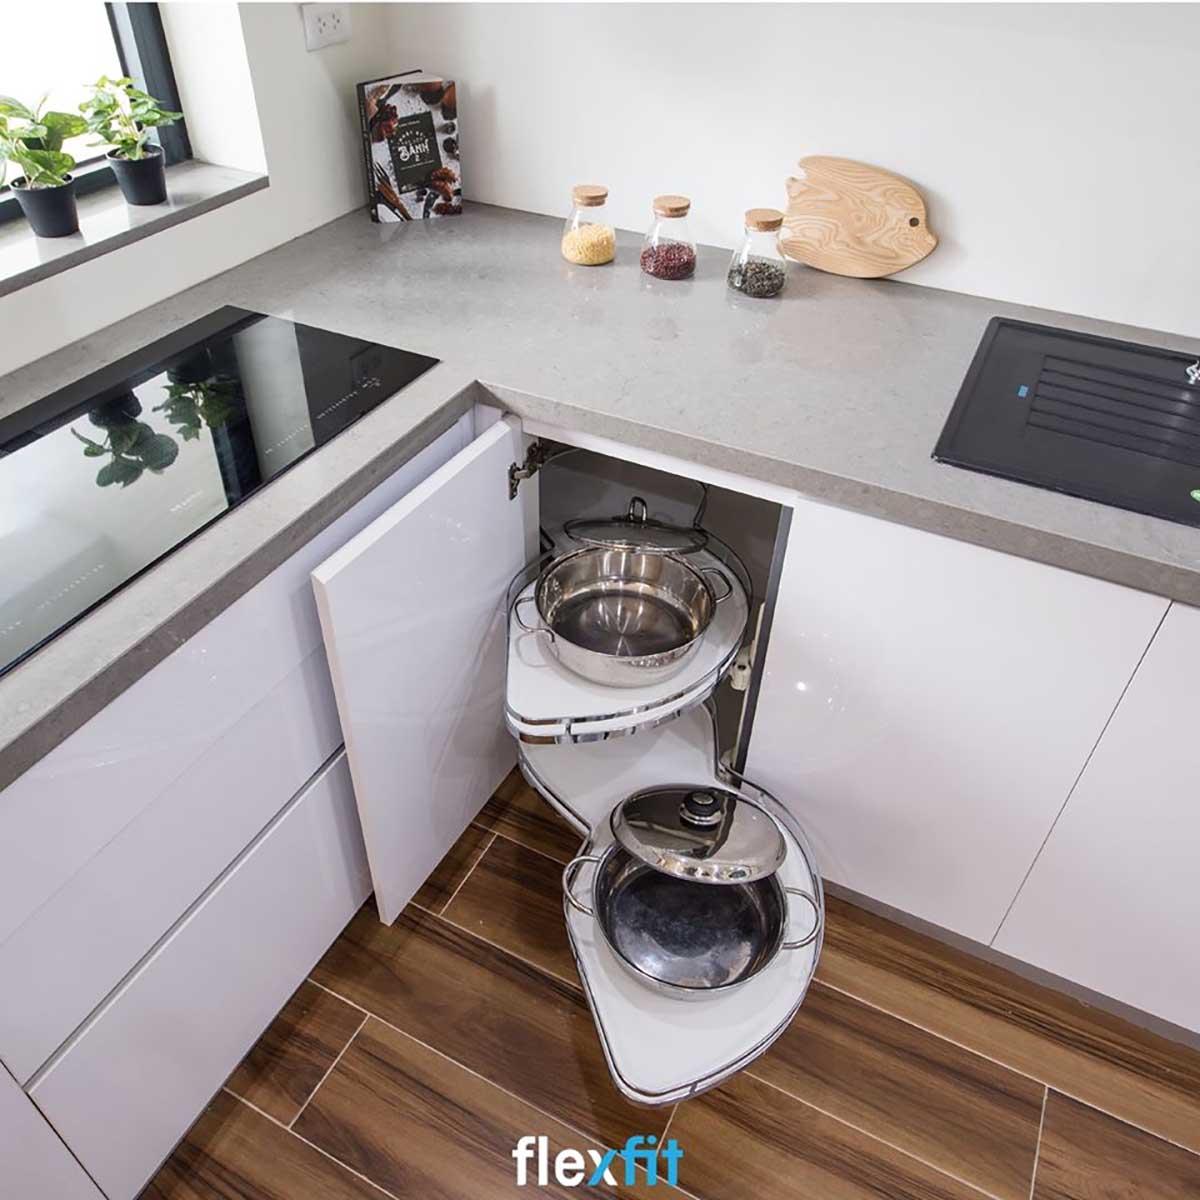 Tủ bếp sử dụng chức năng thông minh